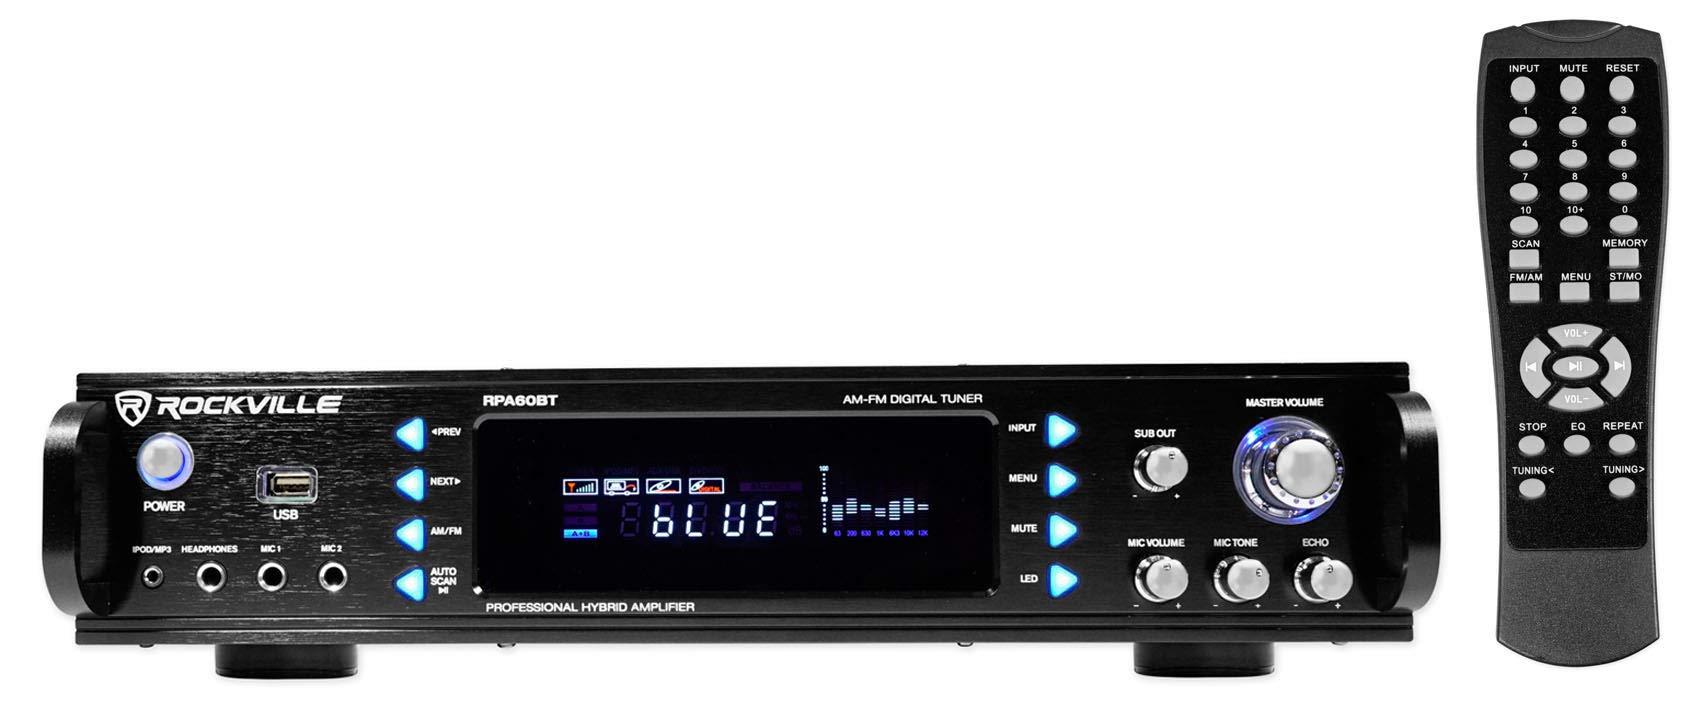 Rockville 1000w 2-Ch USB Bluetooth DJ/Pro/Karaoke Amplifier Mixer, 19 inch (RPA60BT)